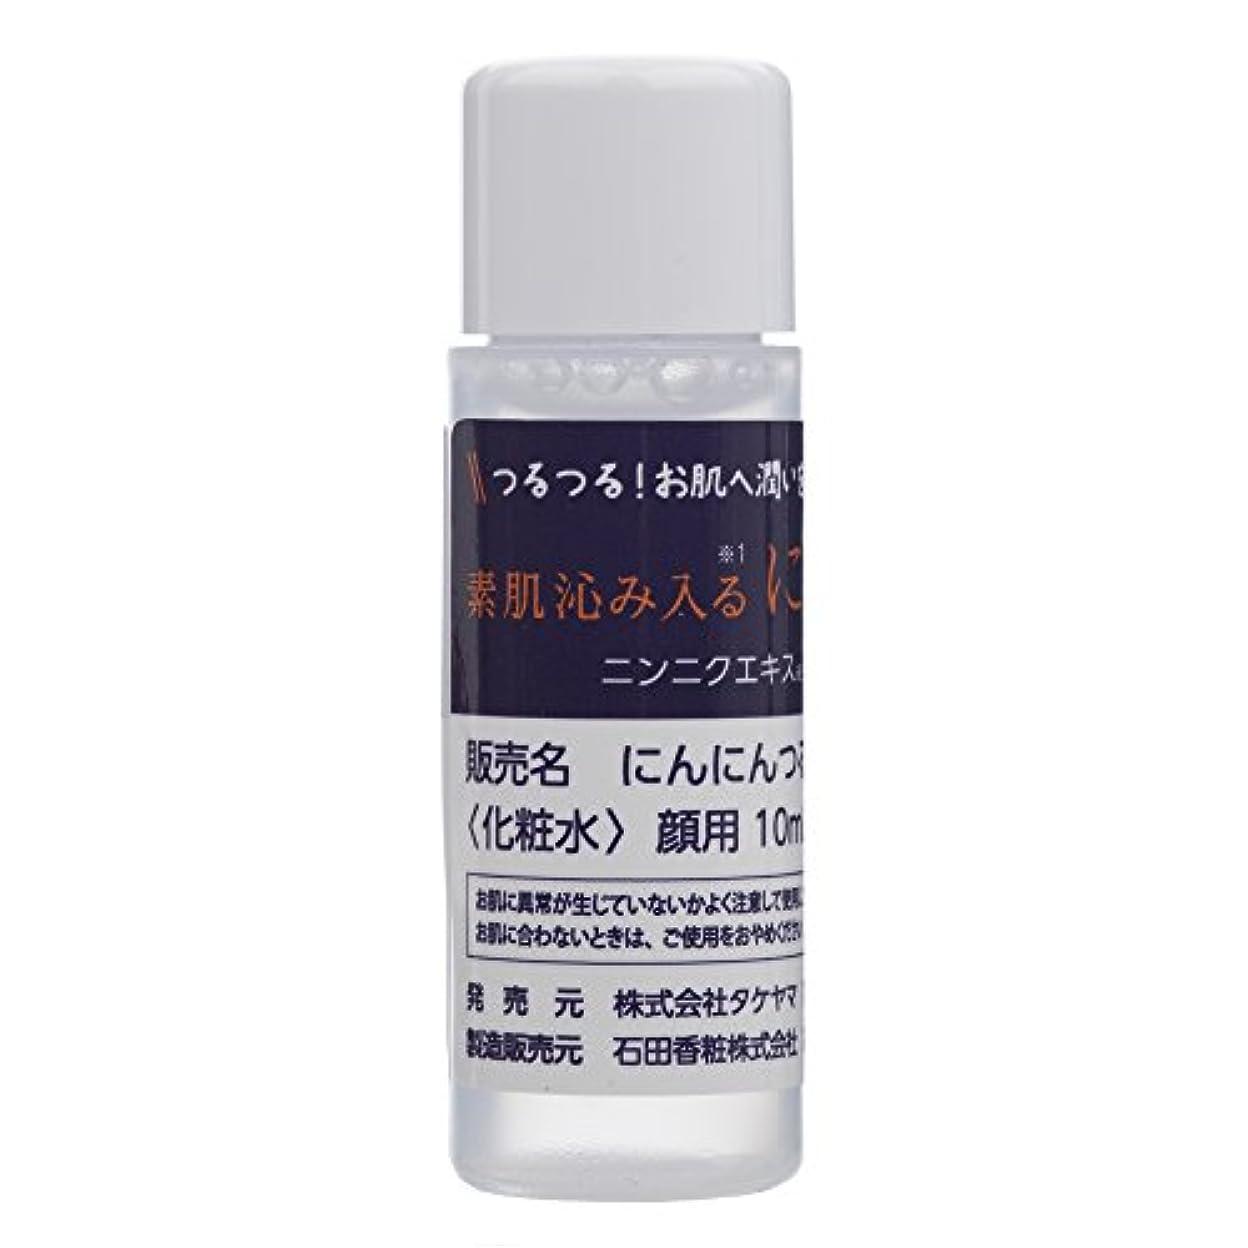 いたずらなコンプライアンス健康的にんにんつるり お肌の健康と潤いを保つ化粧水です。 10ml